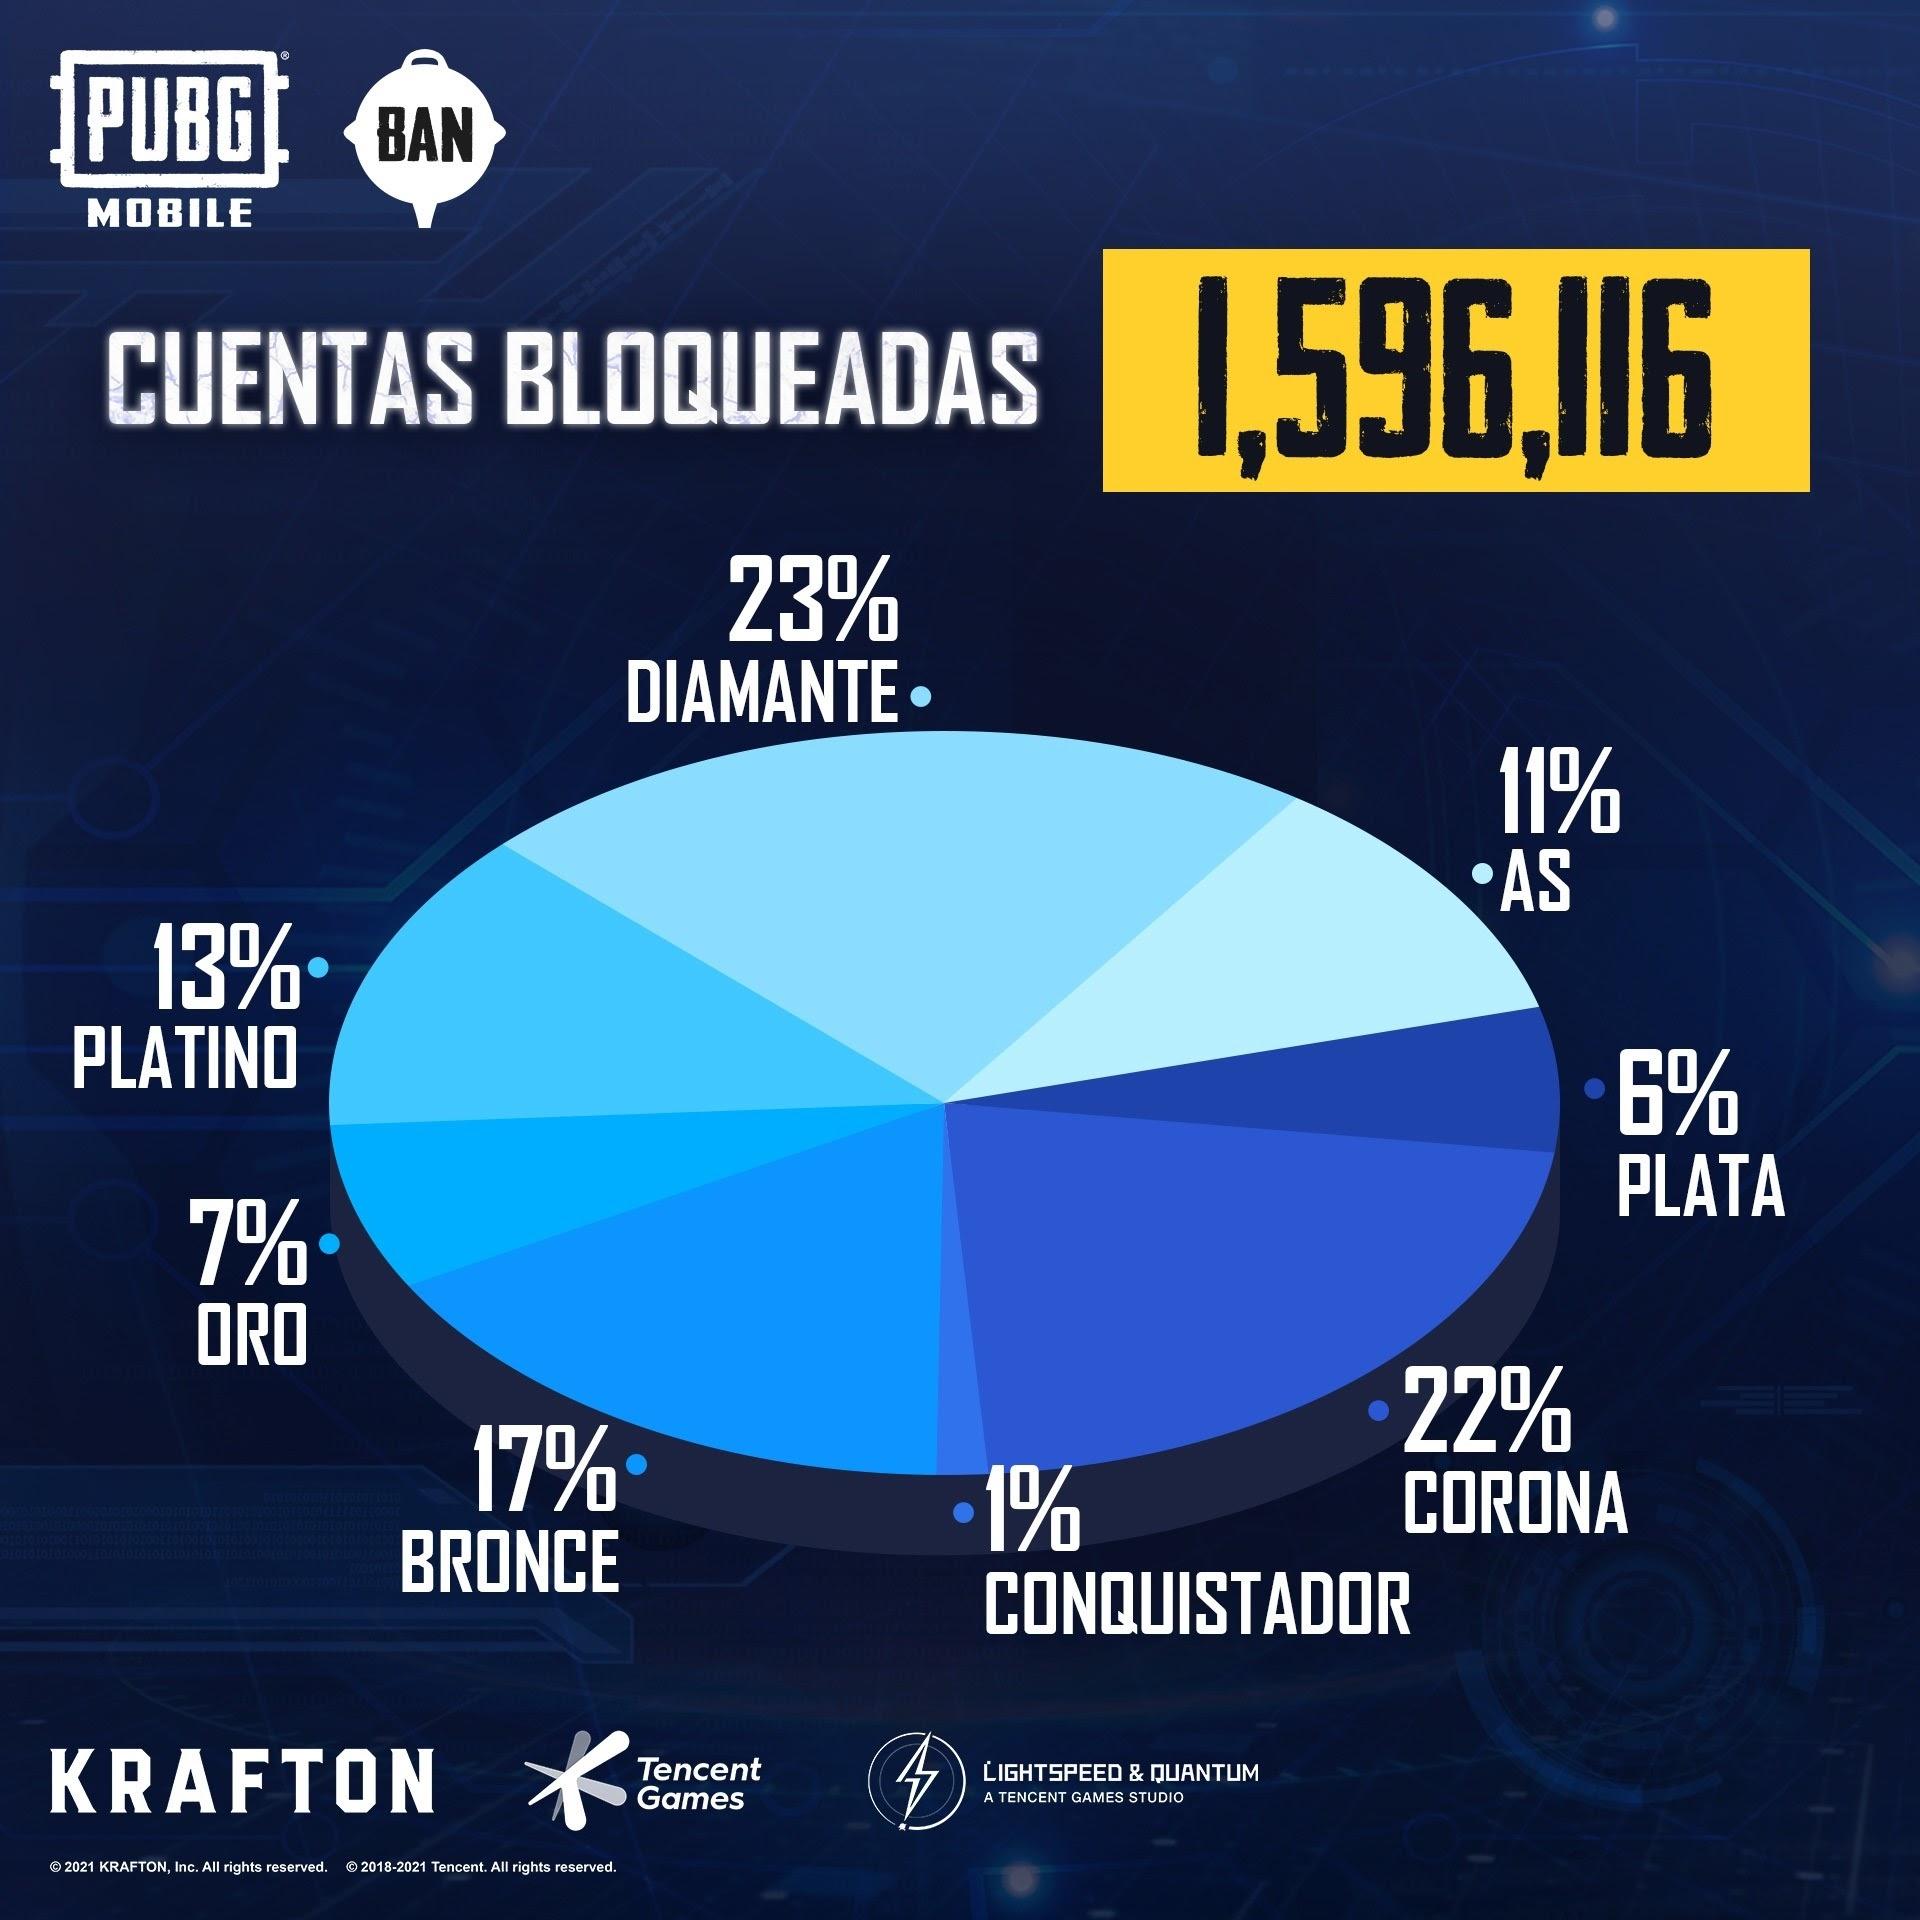 PUBG MOBILE bloqueó más de 1.5 millones de cuentas en una semana como parte de su programa Ban Pan, GamersRD